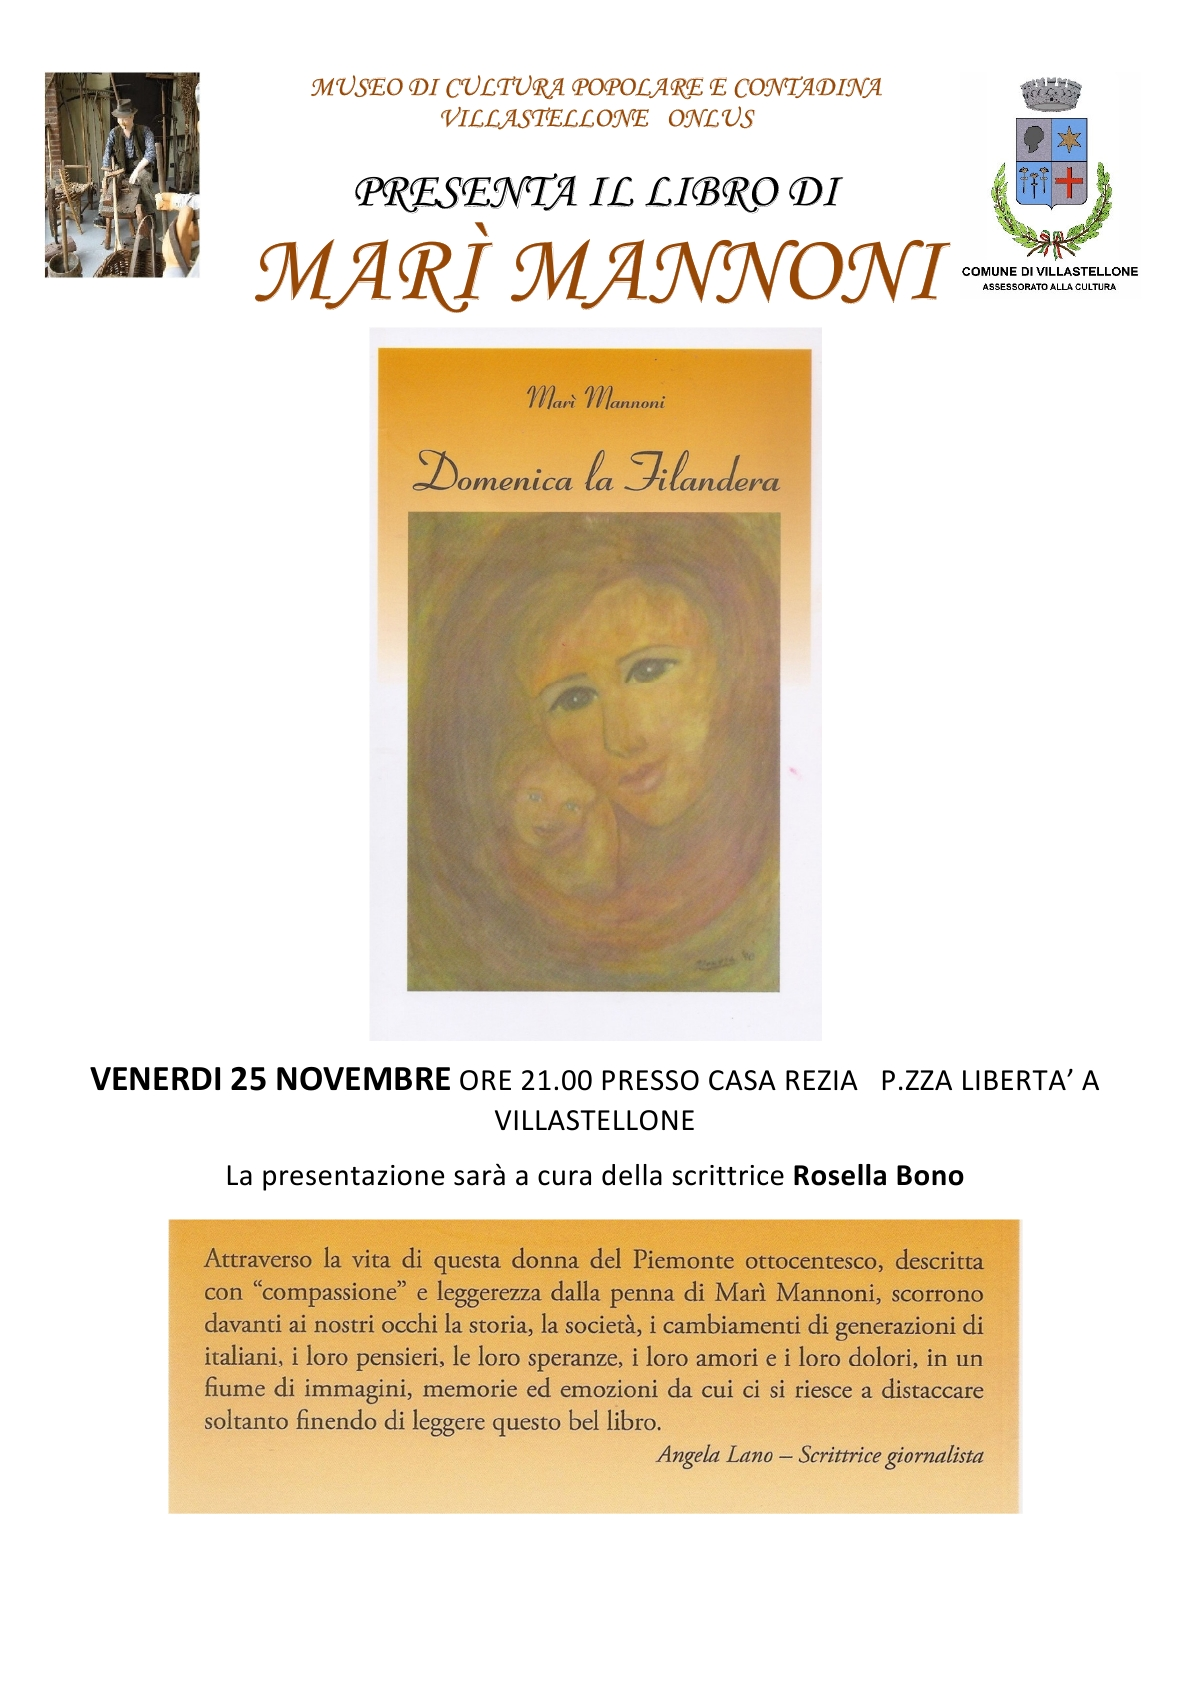 locandina-libro-mari-mannoni